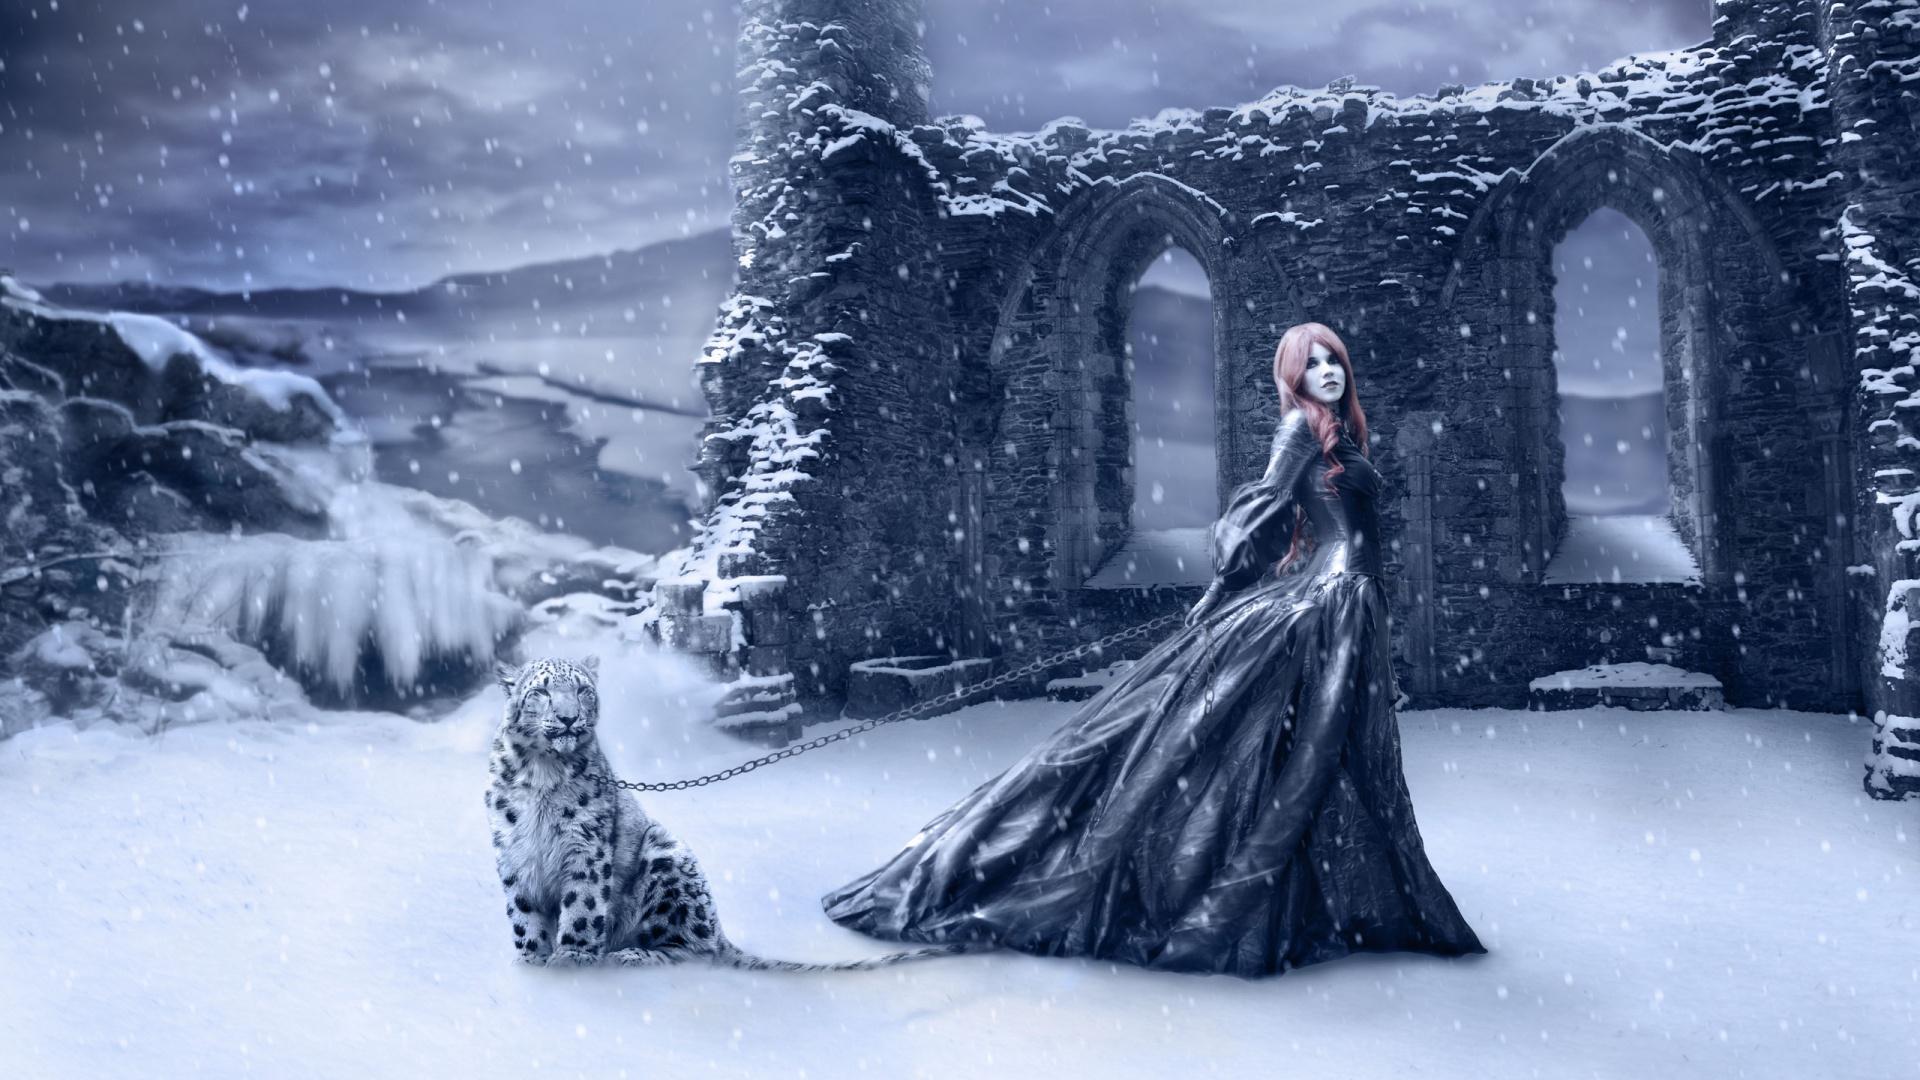 High Resolution Wallpaper Winter